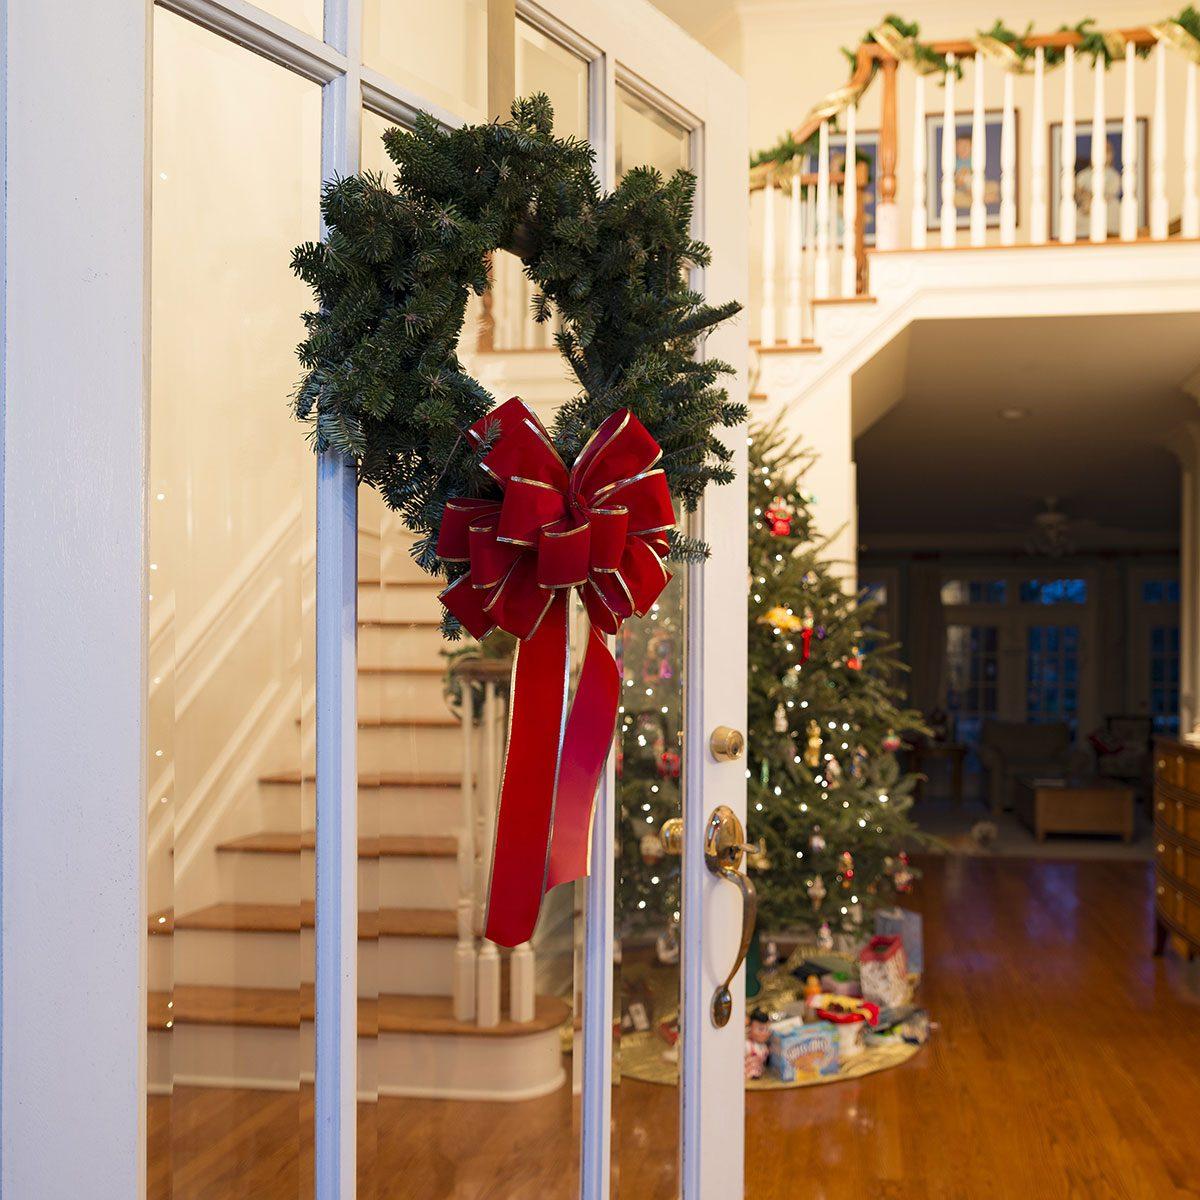 Wreath on entryway door